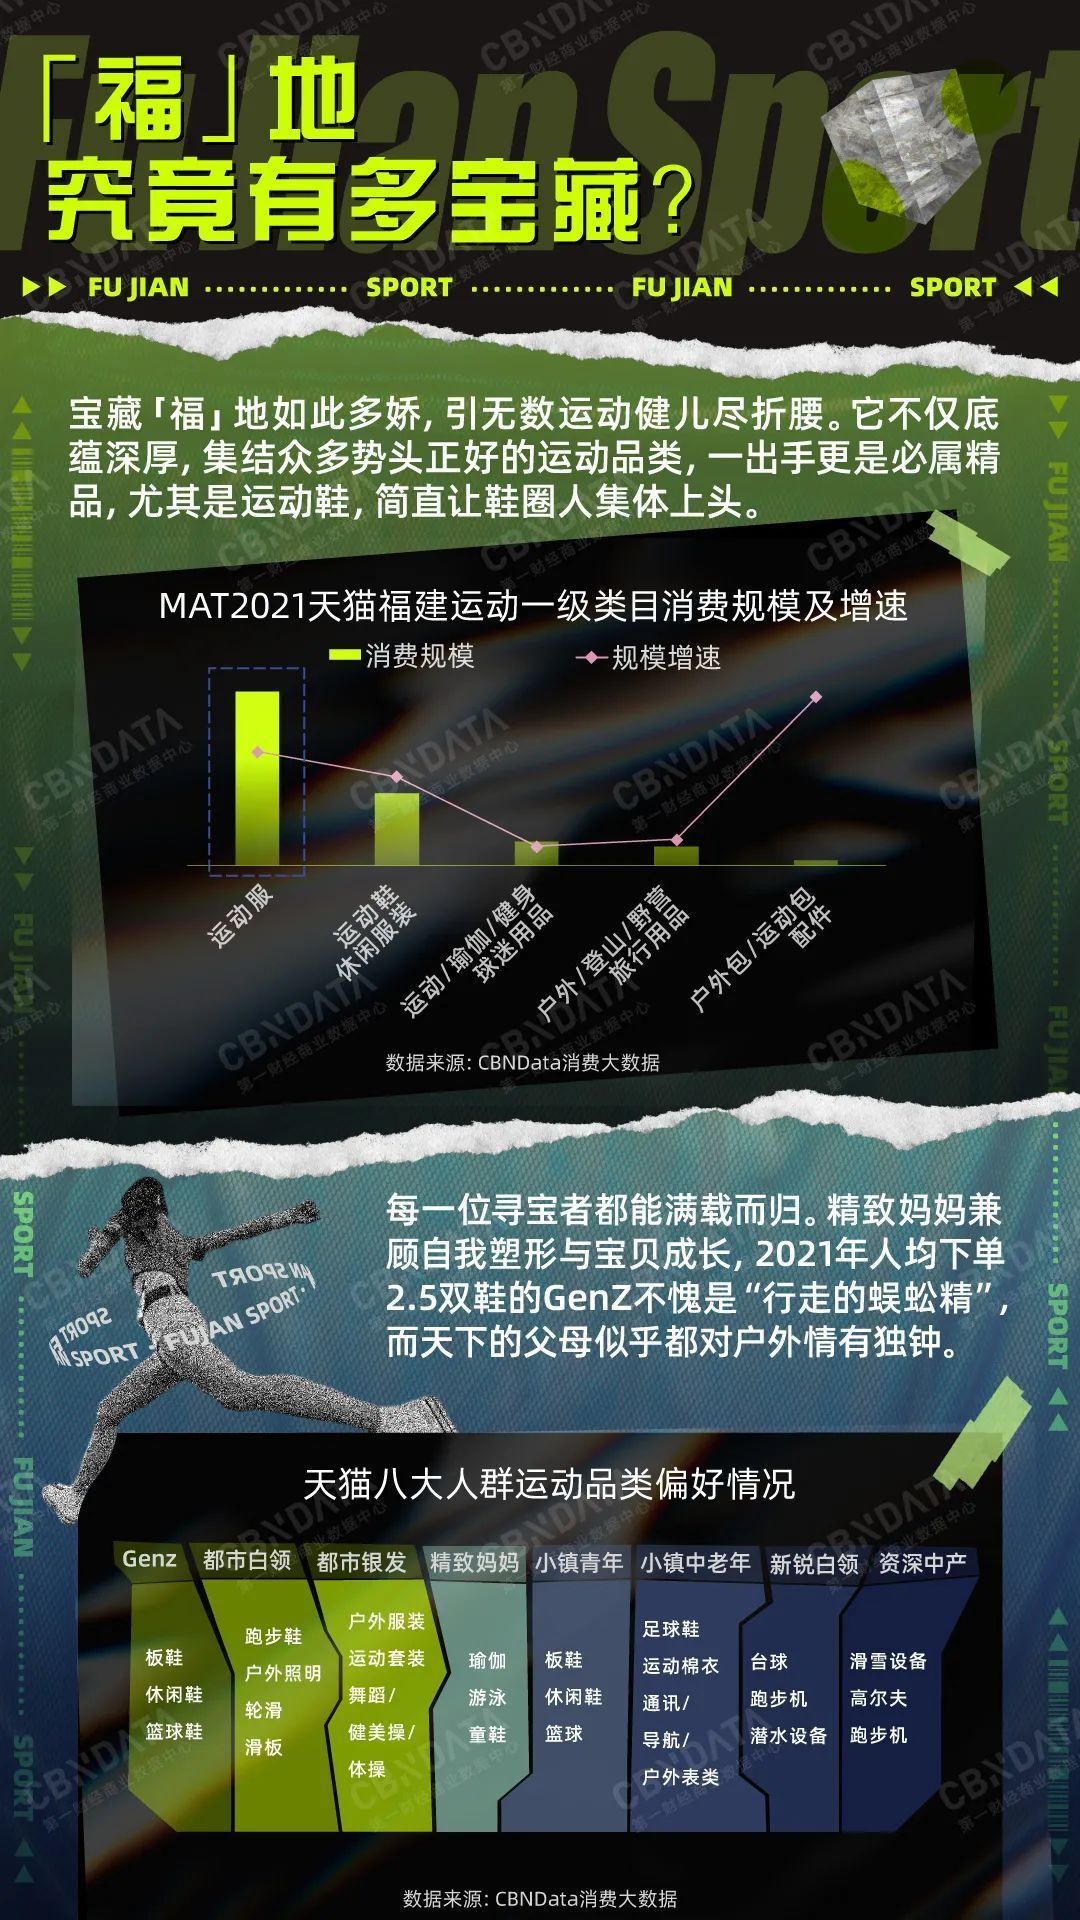 """超五成国产运动品牌居然都姓""""福""""?揭秘福建运动产业带发展现状 CBNData报告"""